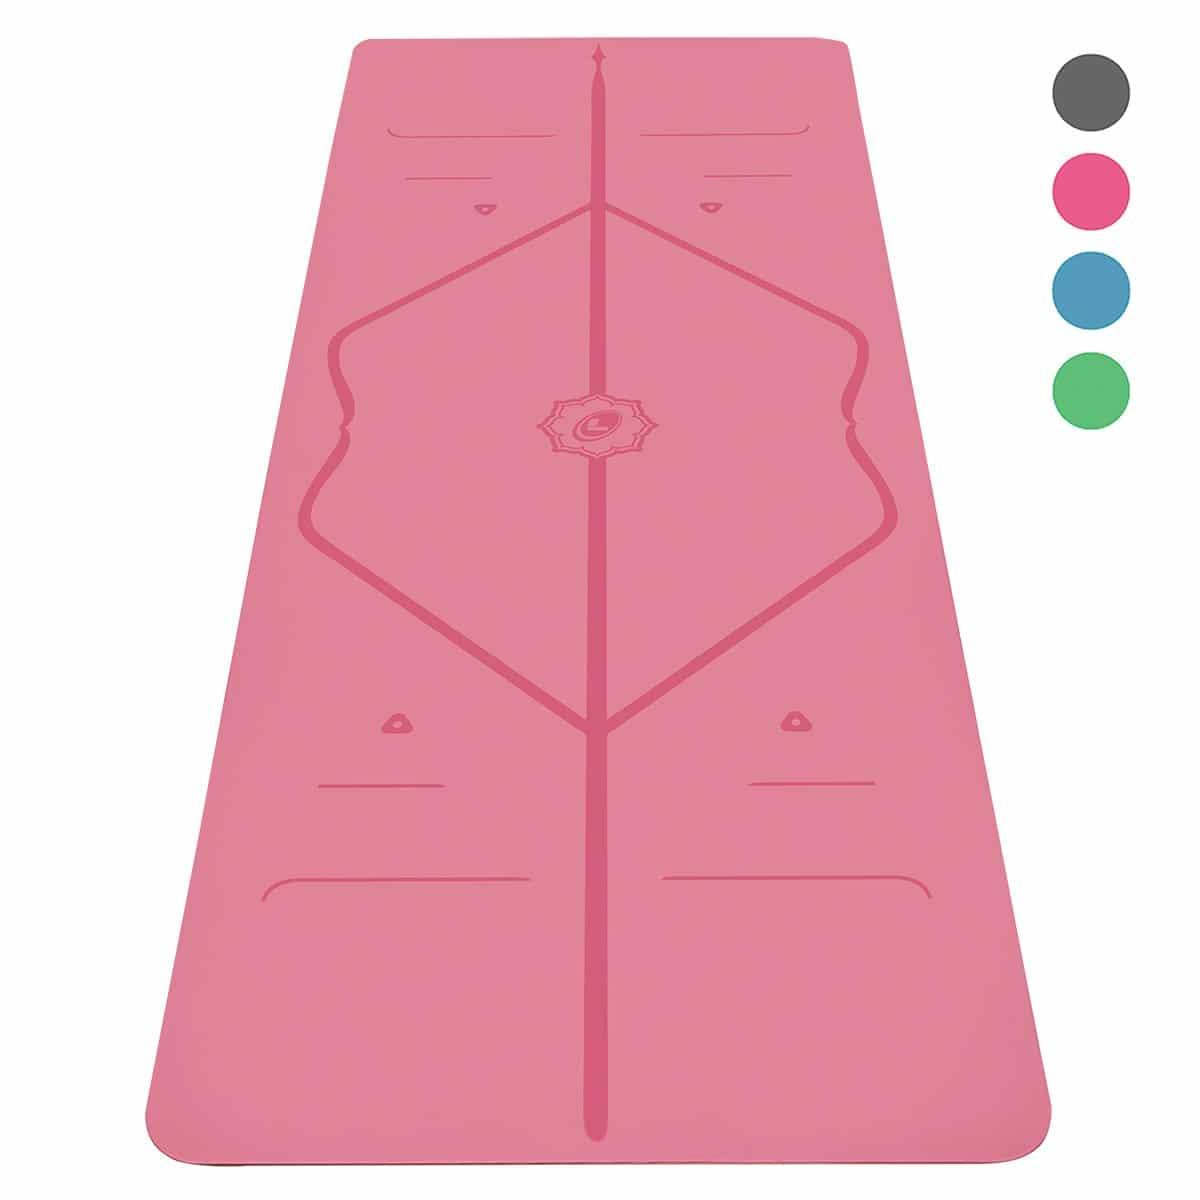 Esterilla Yoga Antideslizante Liforme Sistema De Alineación Original y Patentado Yoga Mat Ecológica